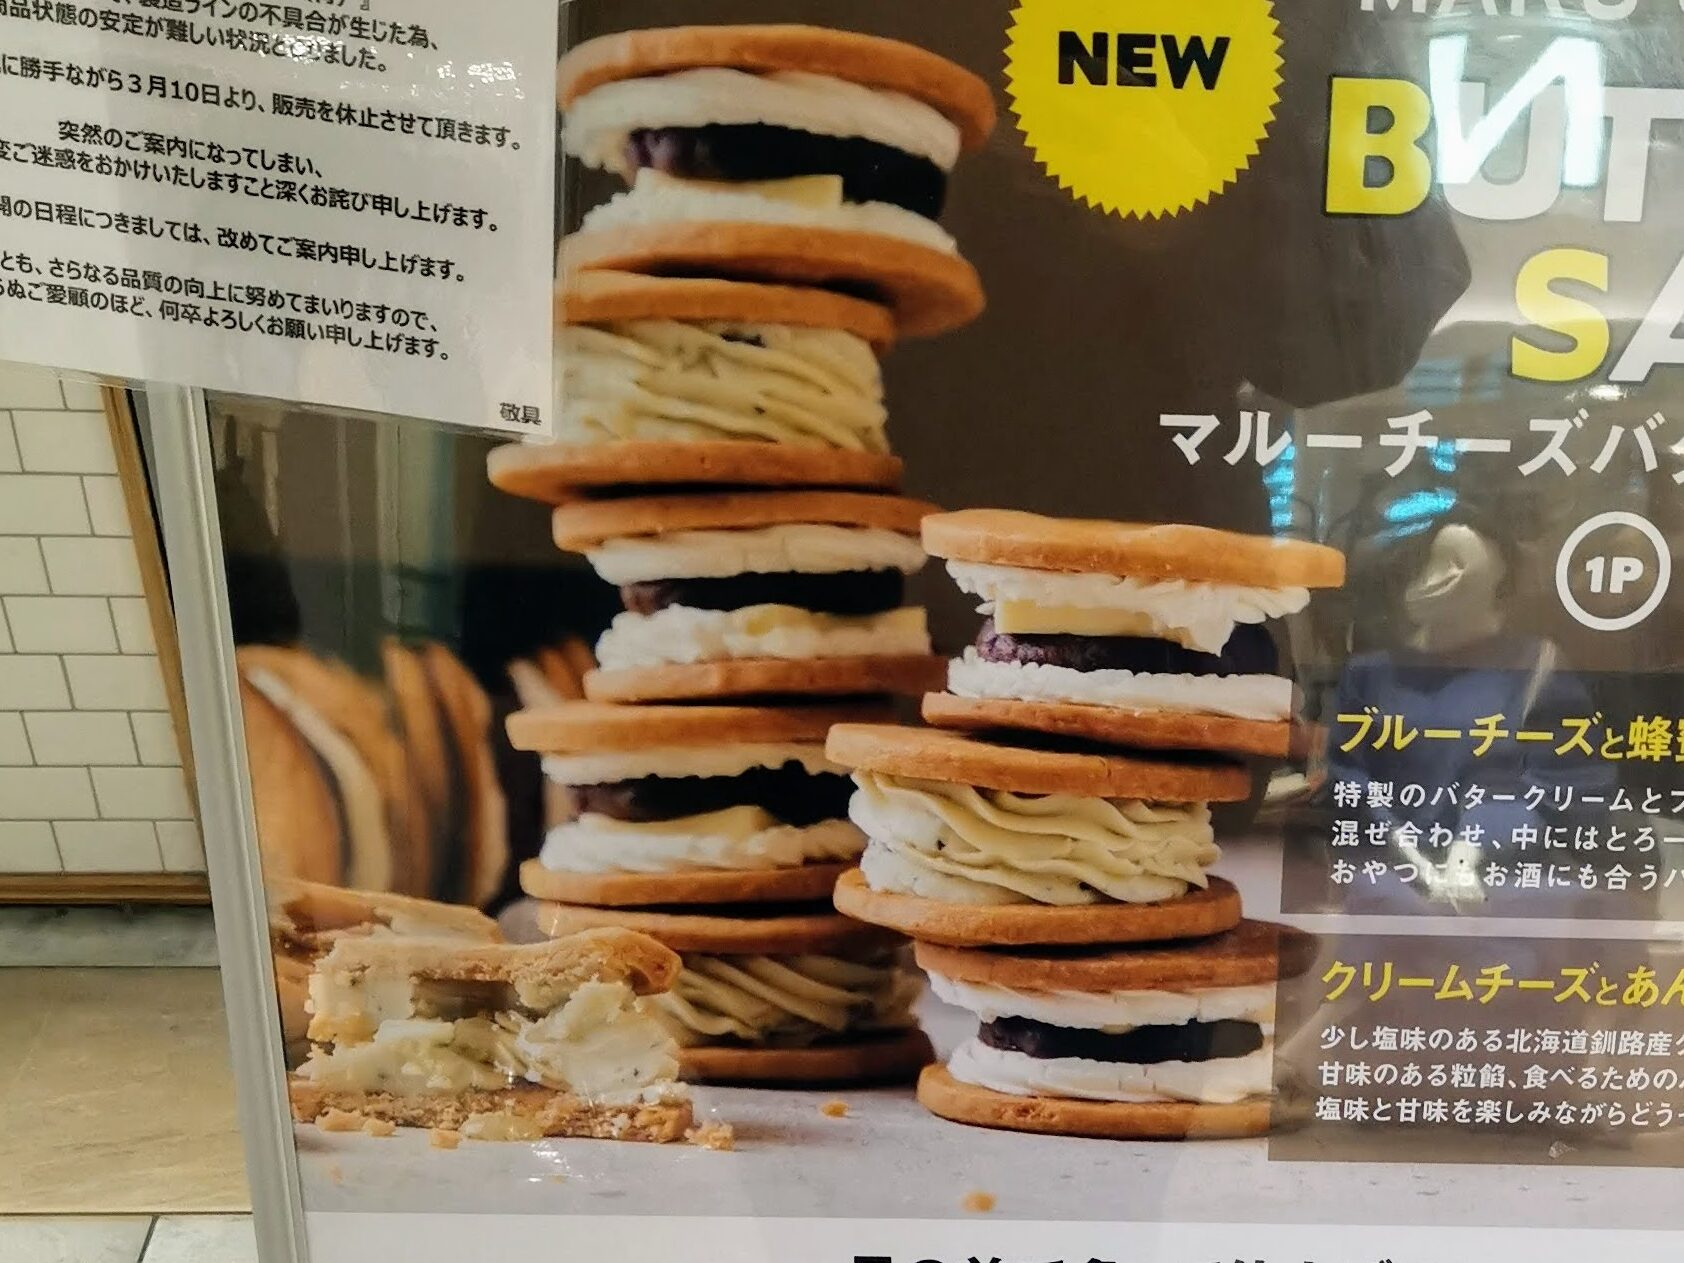 チーズケーキ専門店MARU CHEESE(マルチーズ)のお店の写真 (1)_R